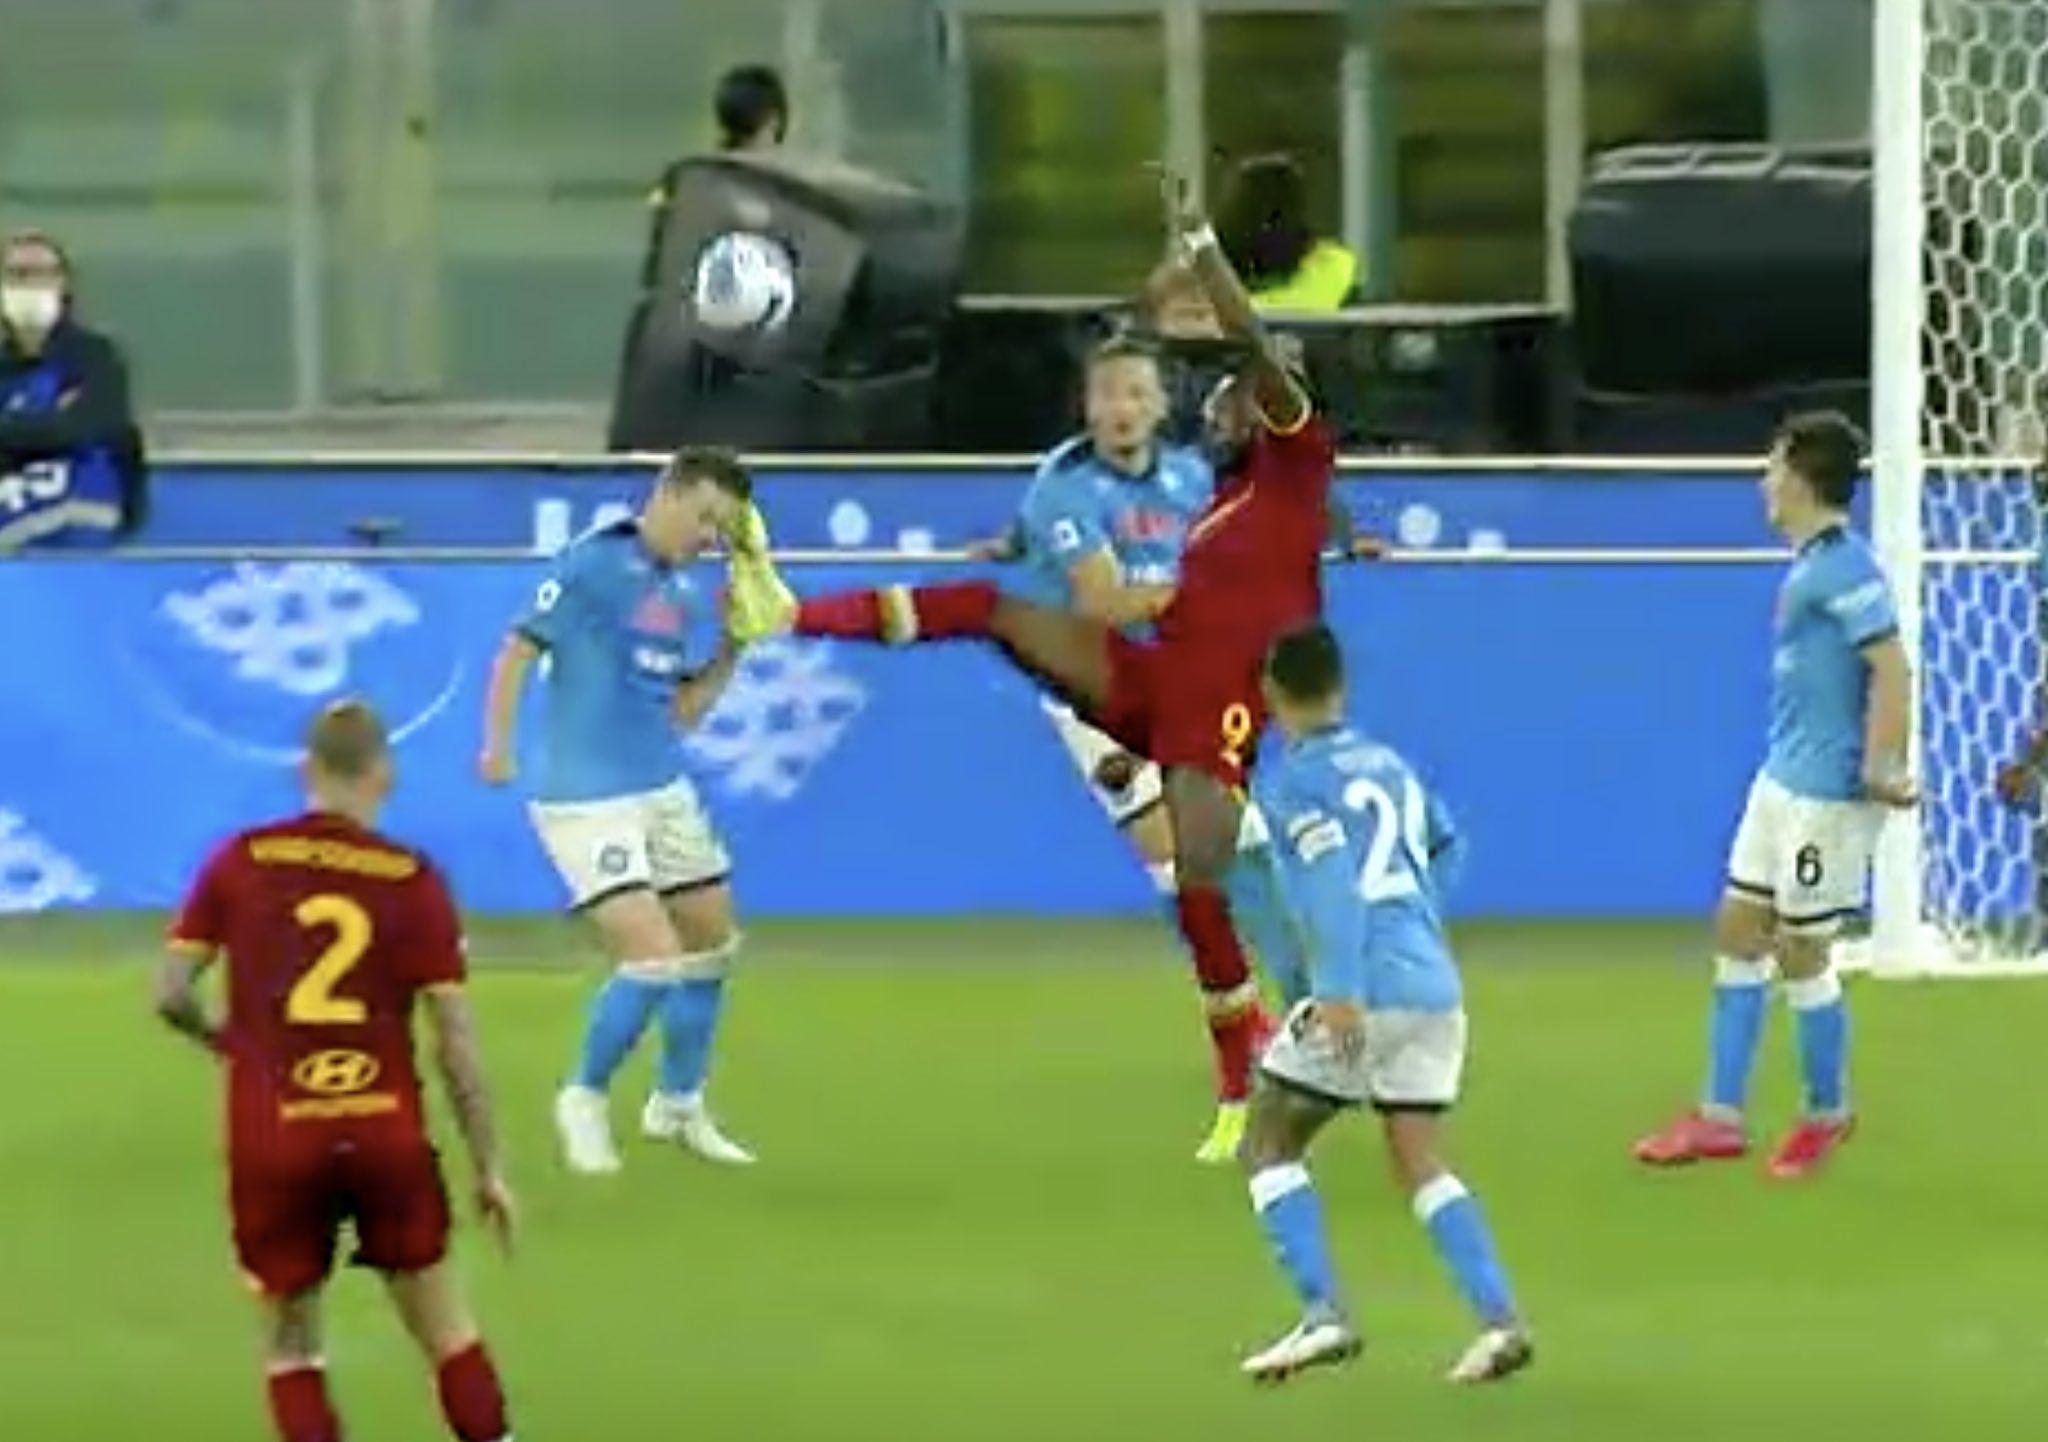 """Sconcerti distrugge il Napoli: """"É in netta difficoltà, squadra stanca. Politano non la prende. Non vi lamentate degli arbitri altrimenti…"""""""